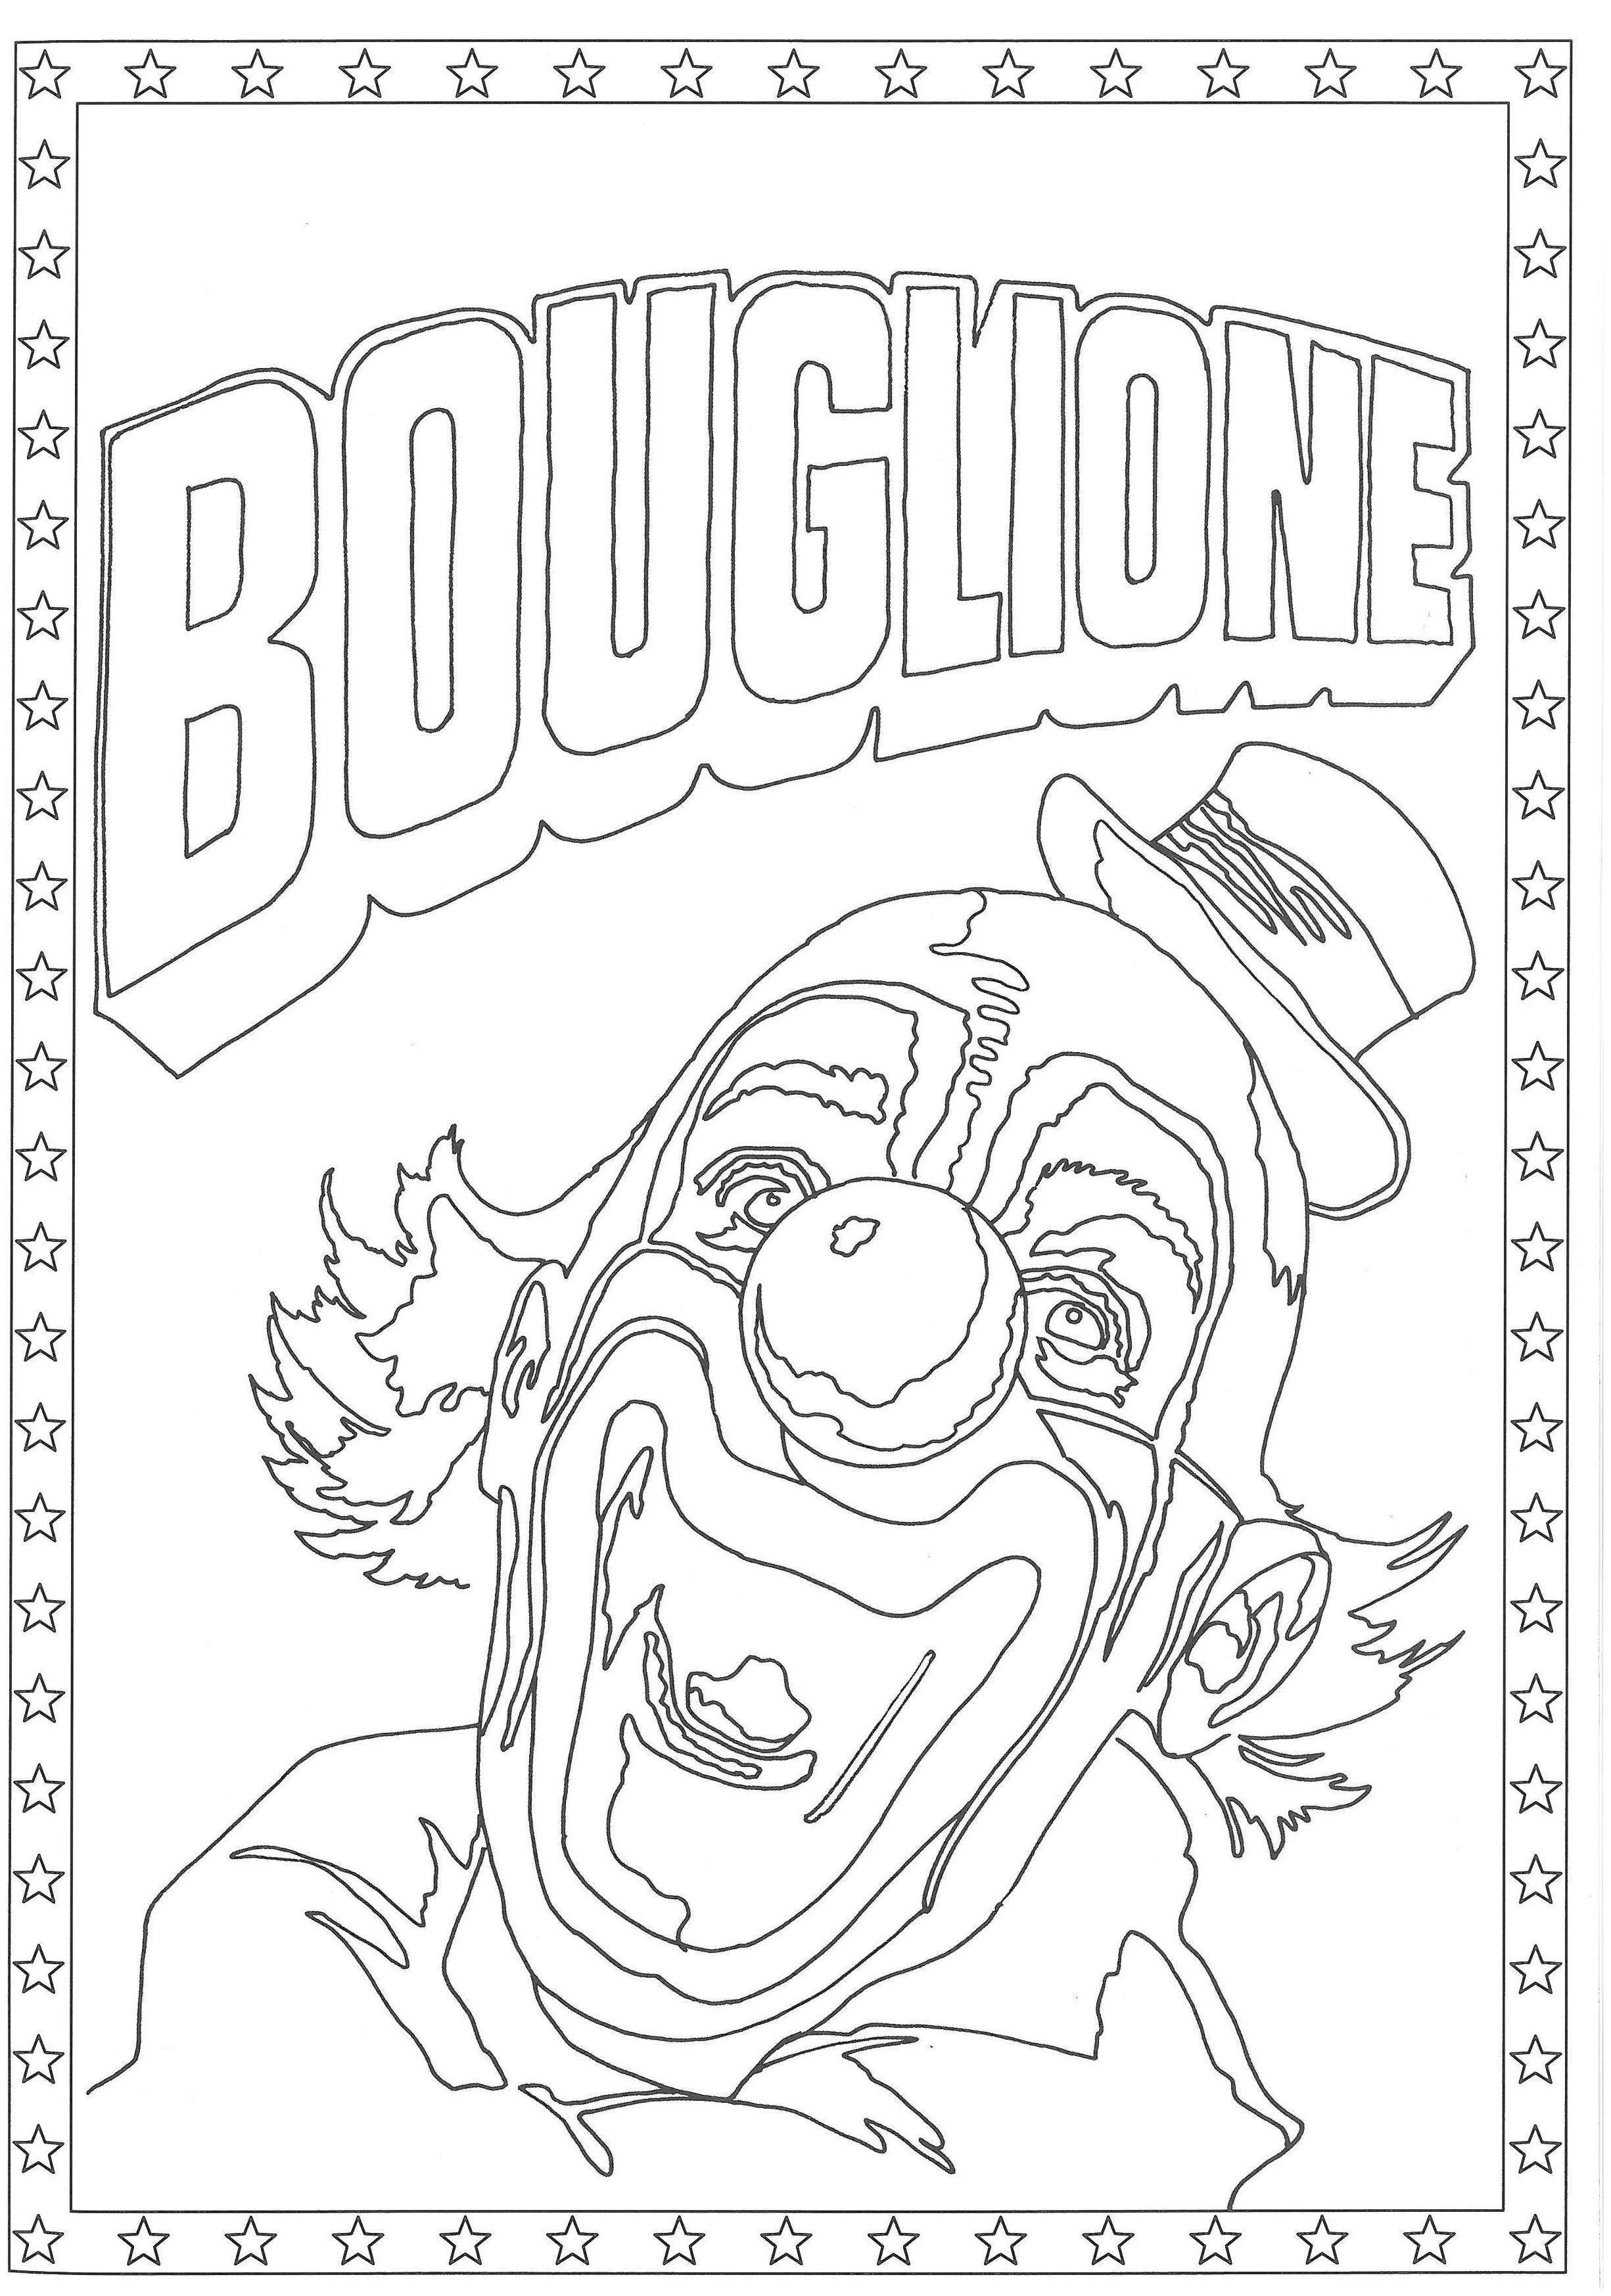 Coloriage Cirque Seurat.Epingle Par Cirque D Hiver Bouglione Sur Les Coloriages Du Cirque D